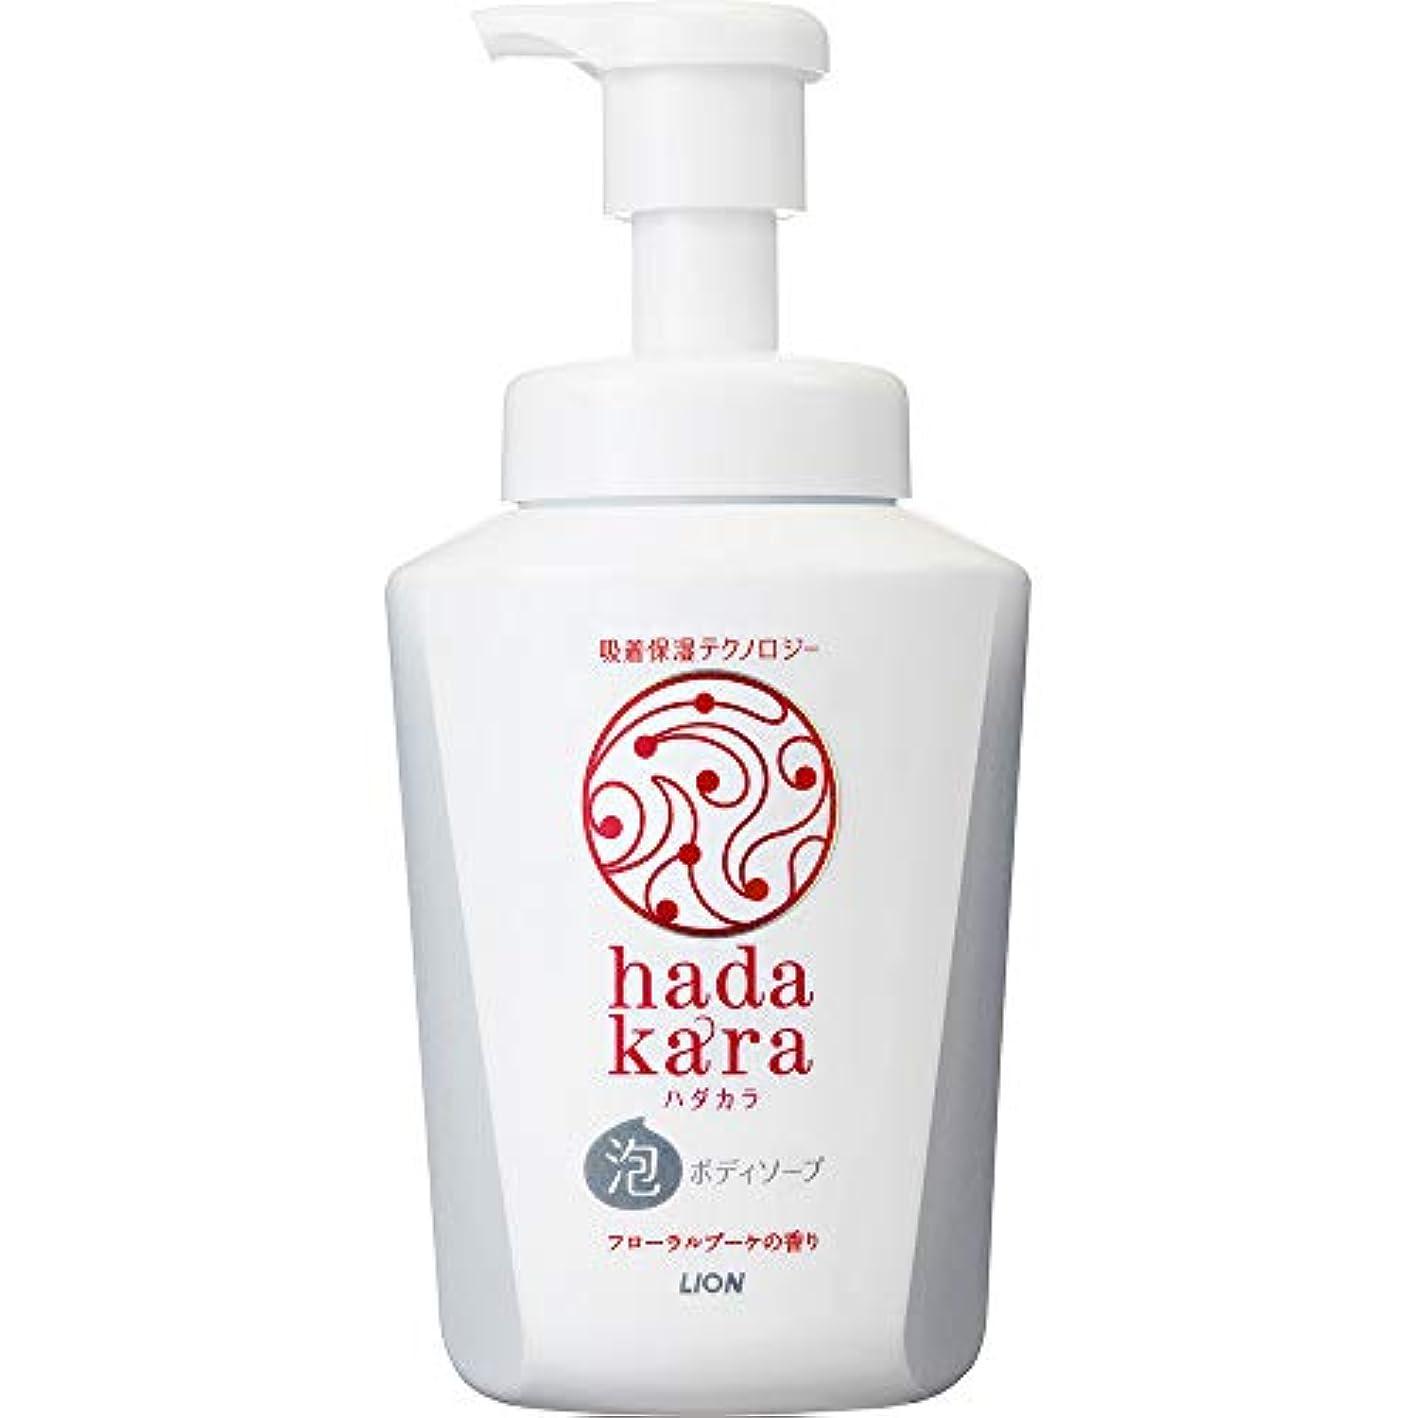 ベルト無効お風呂を持っているhadakara(ハダカラ) ボディソープ 泡タイプ フローラルブーケの香り 本体550ml